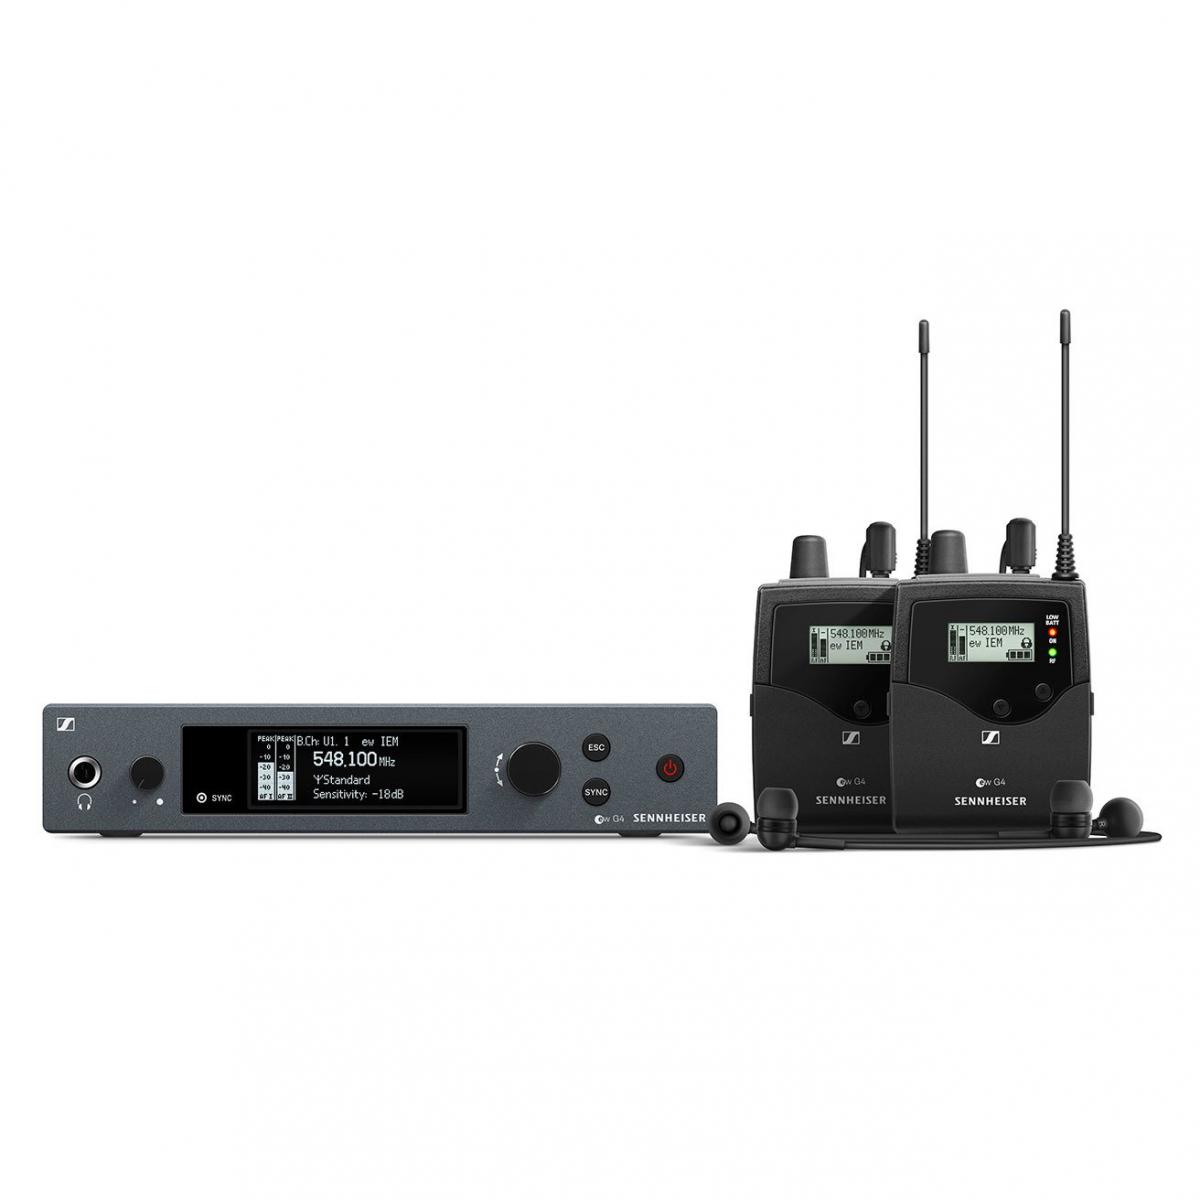 Ear monitors - Sennheiser - EW IEM G4 TWIN